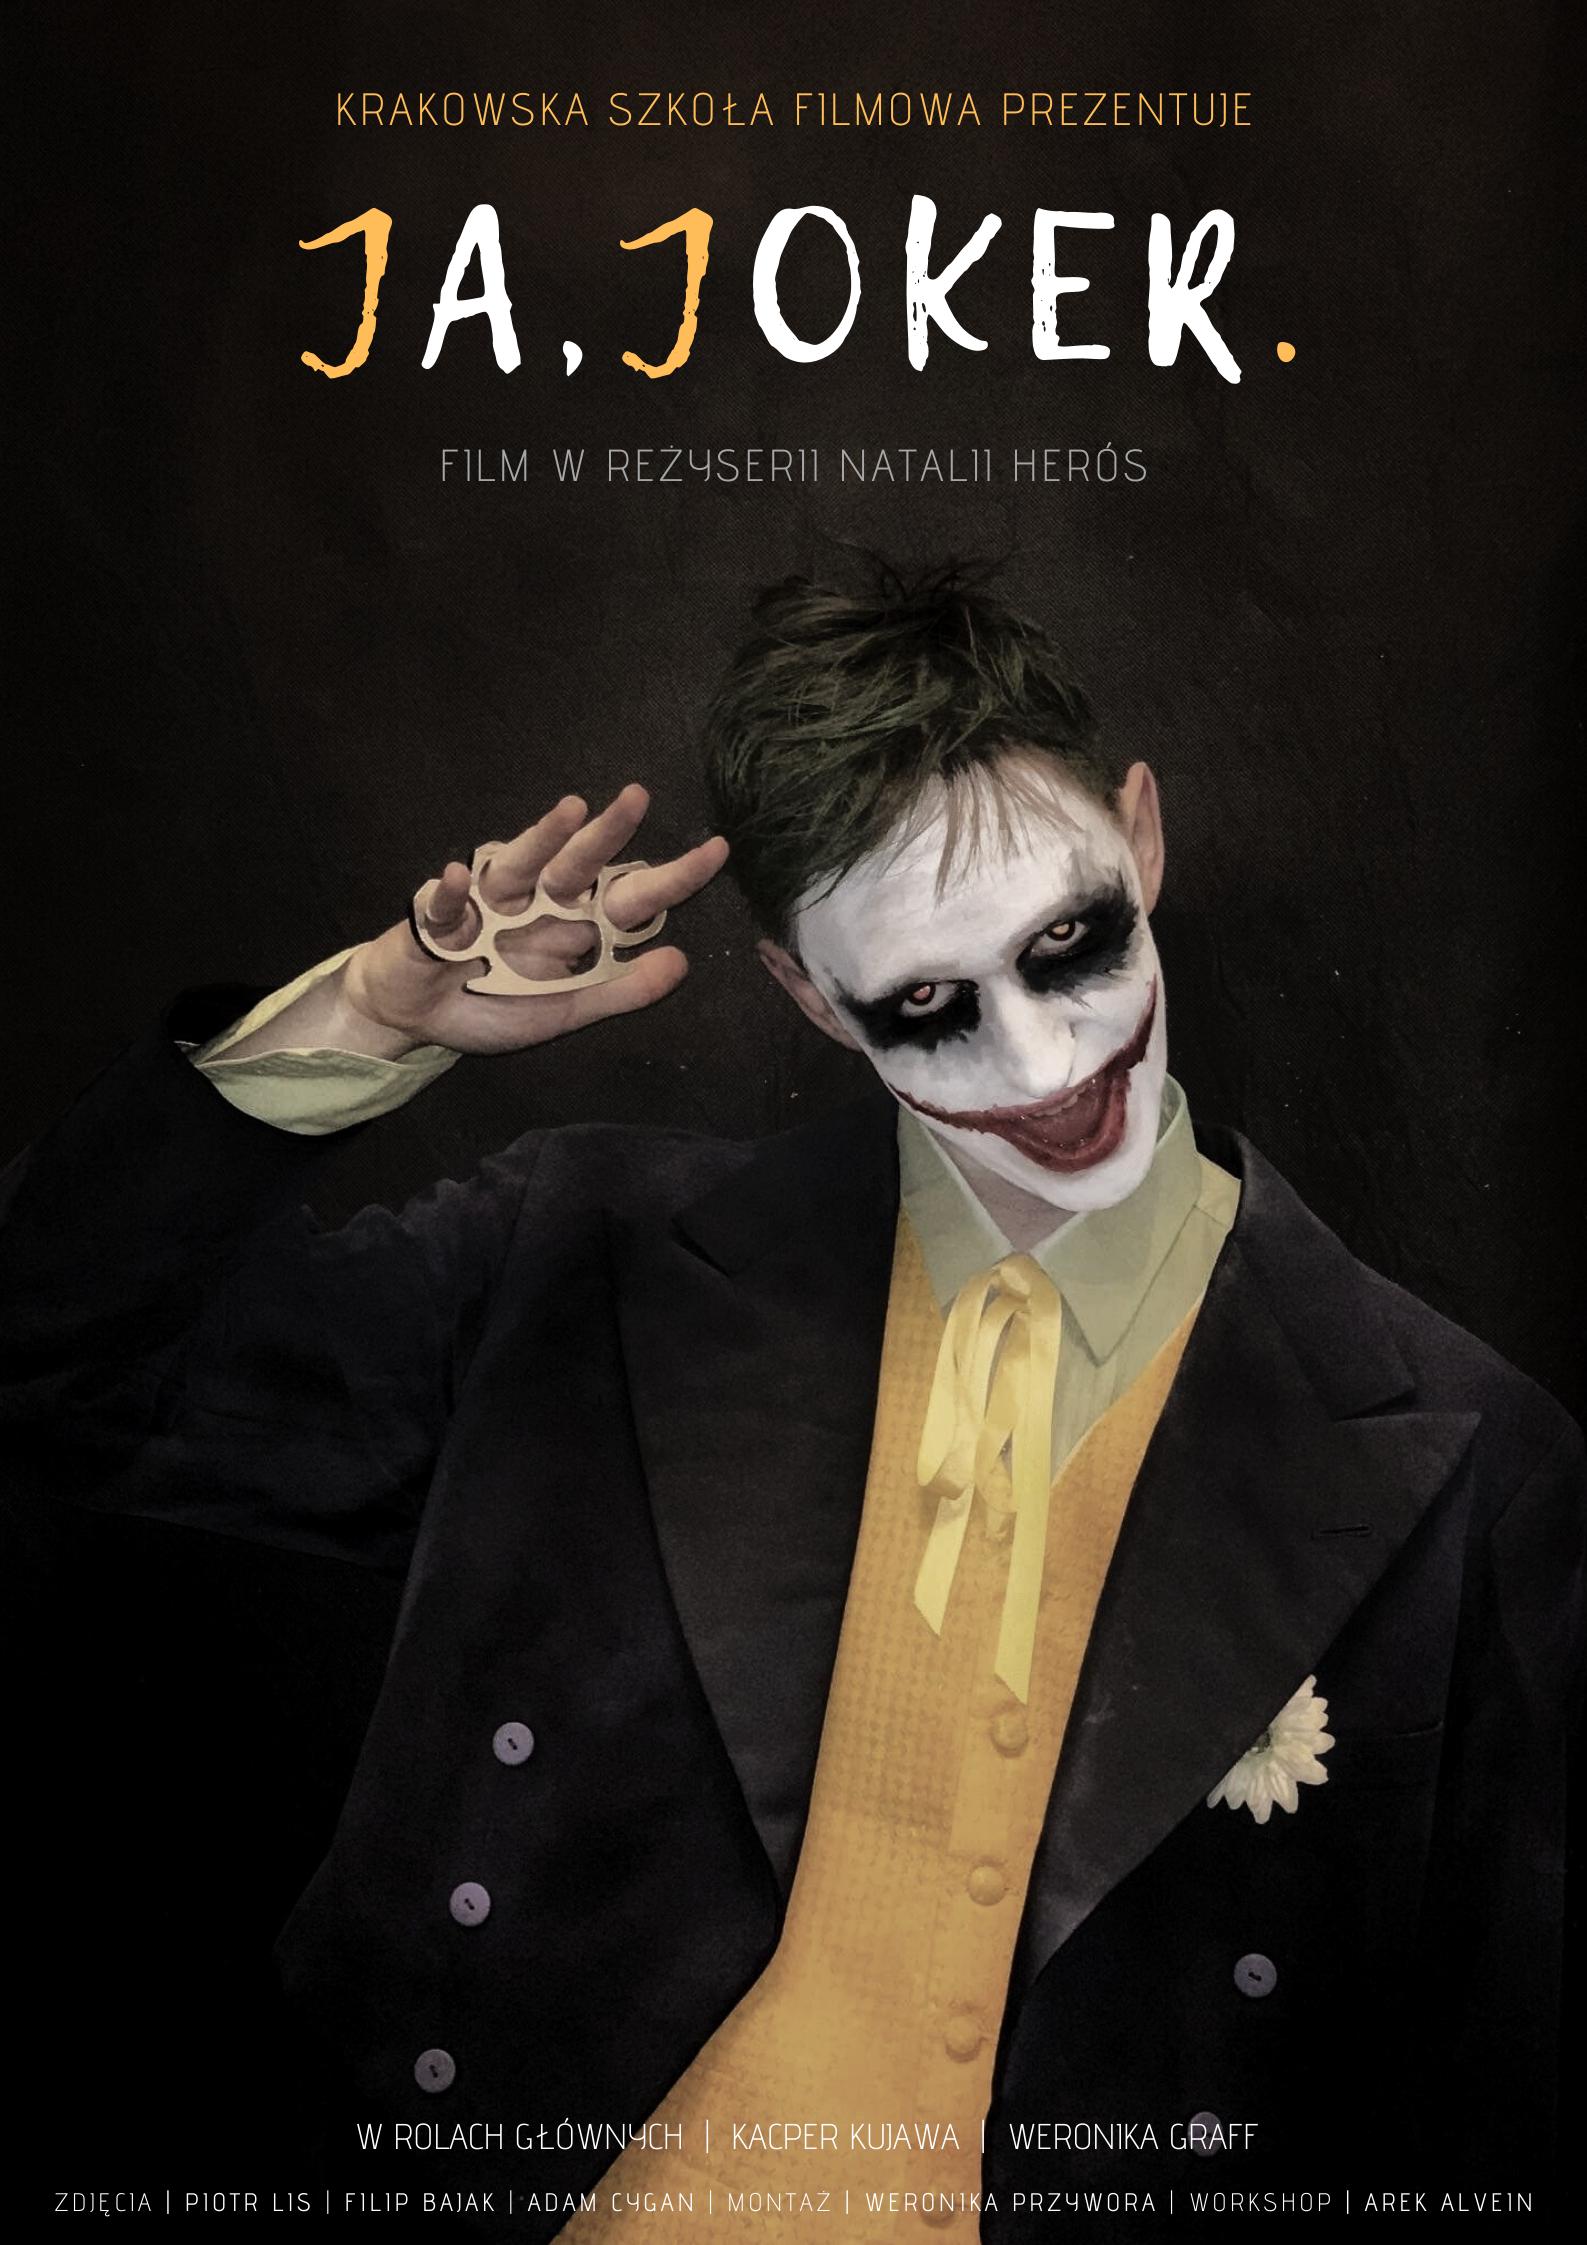 jajoker